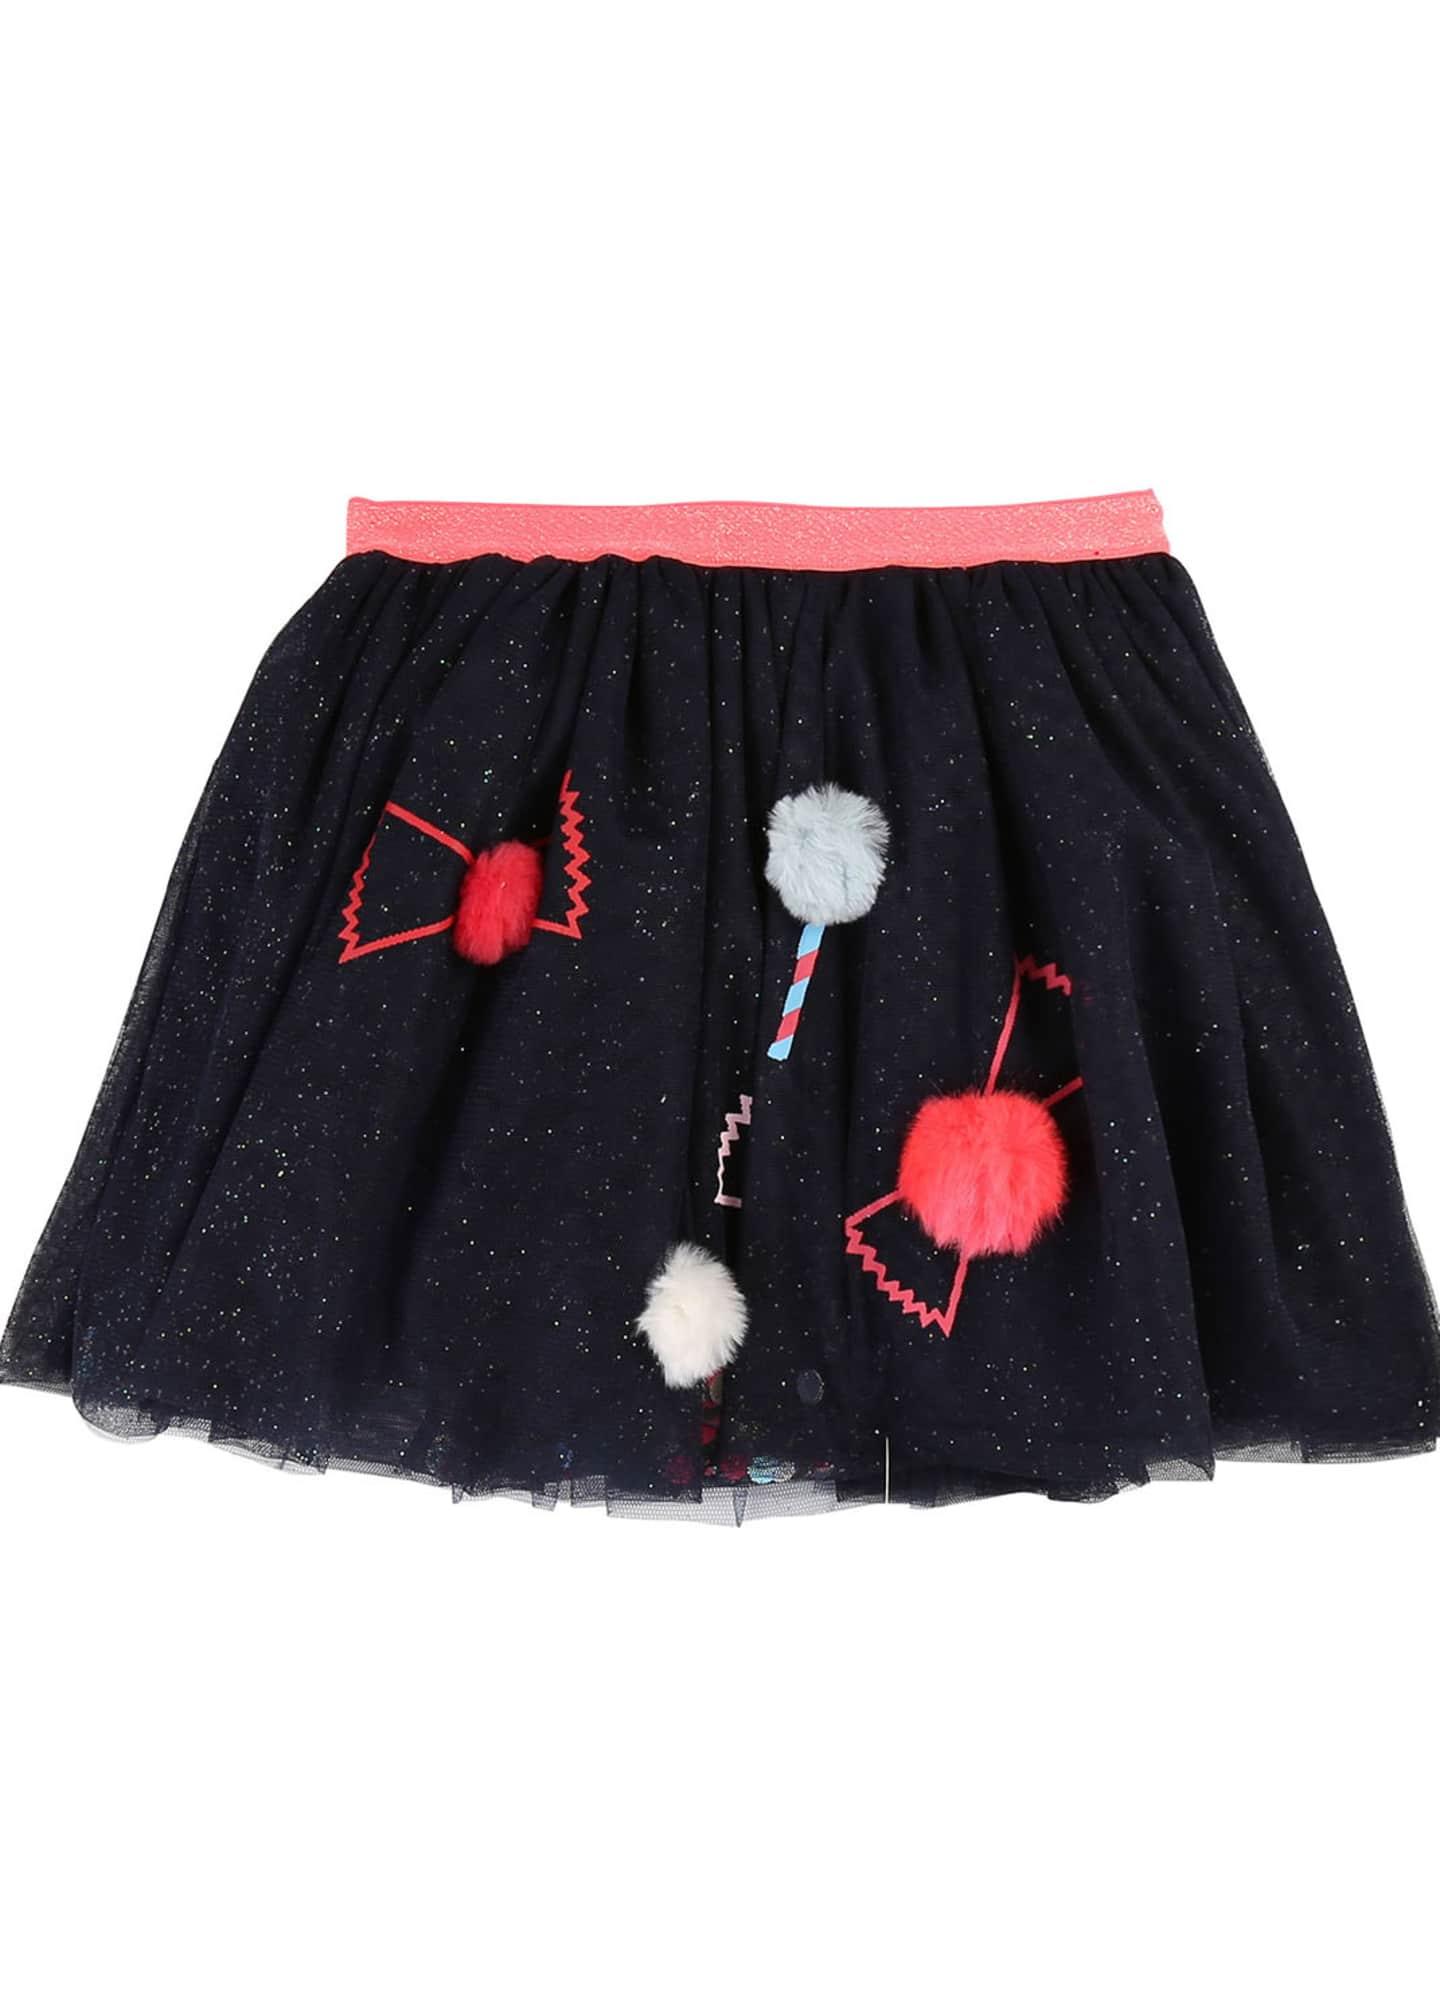 Billieblush Girl's Glitter Tulle Skirt w/ Candy Pompom